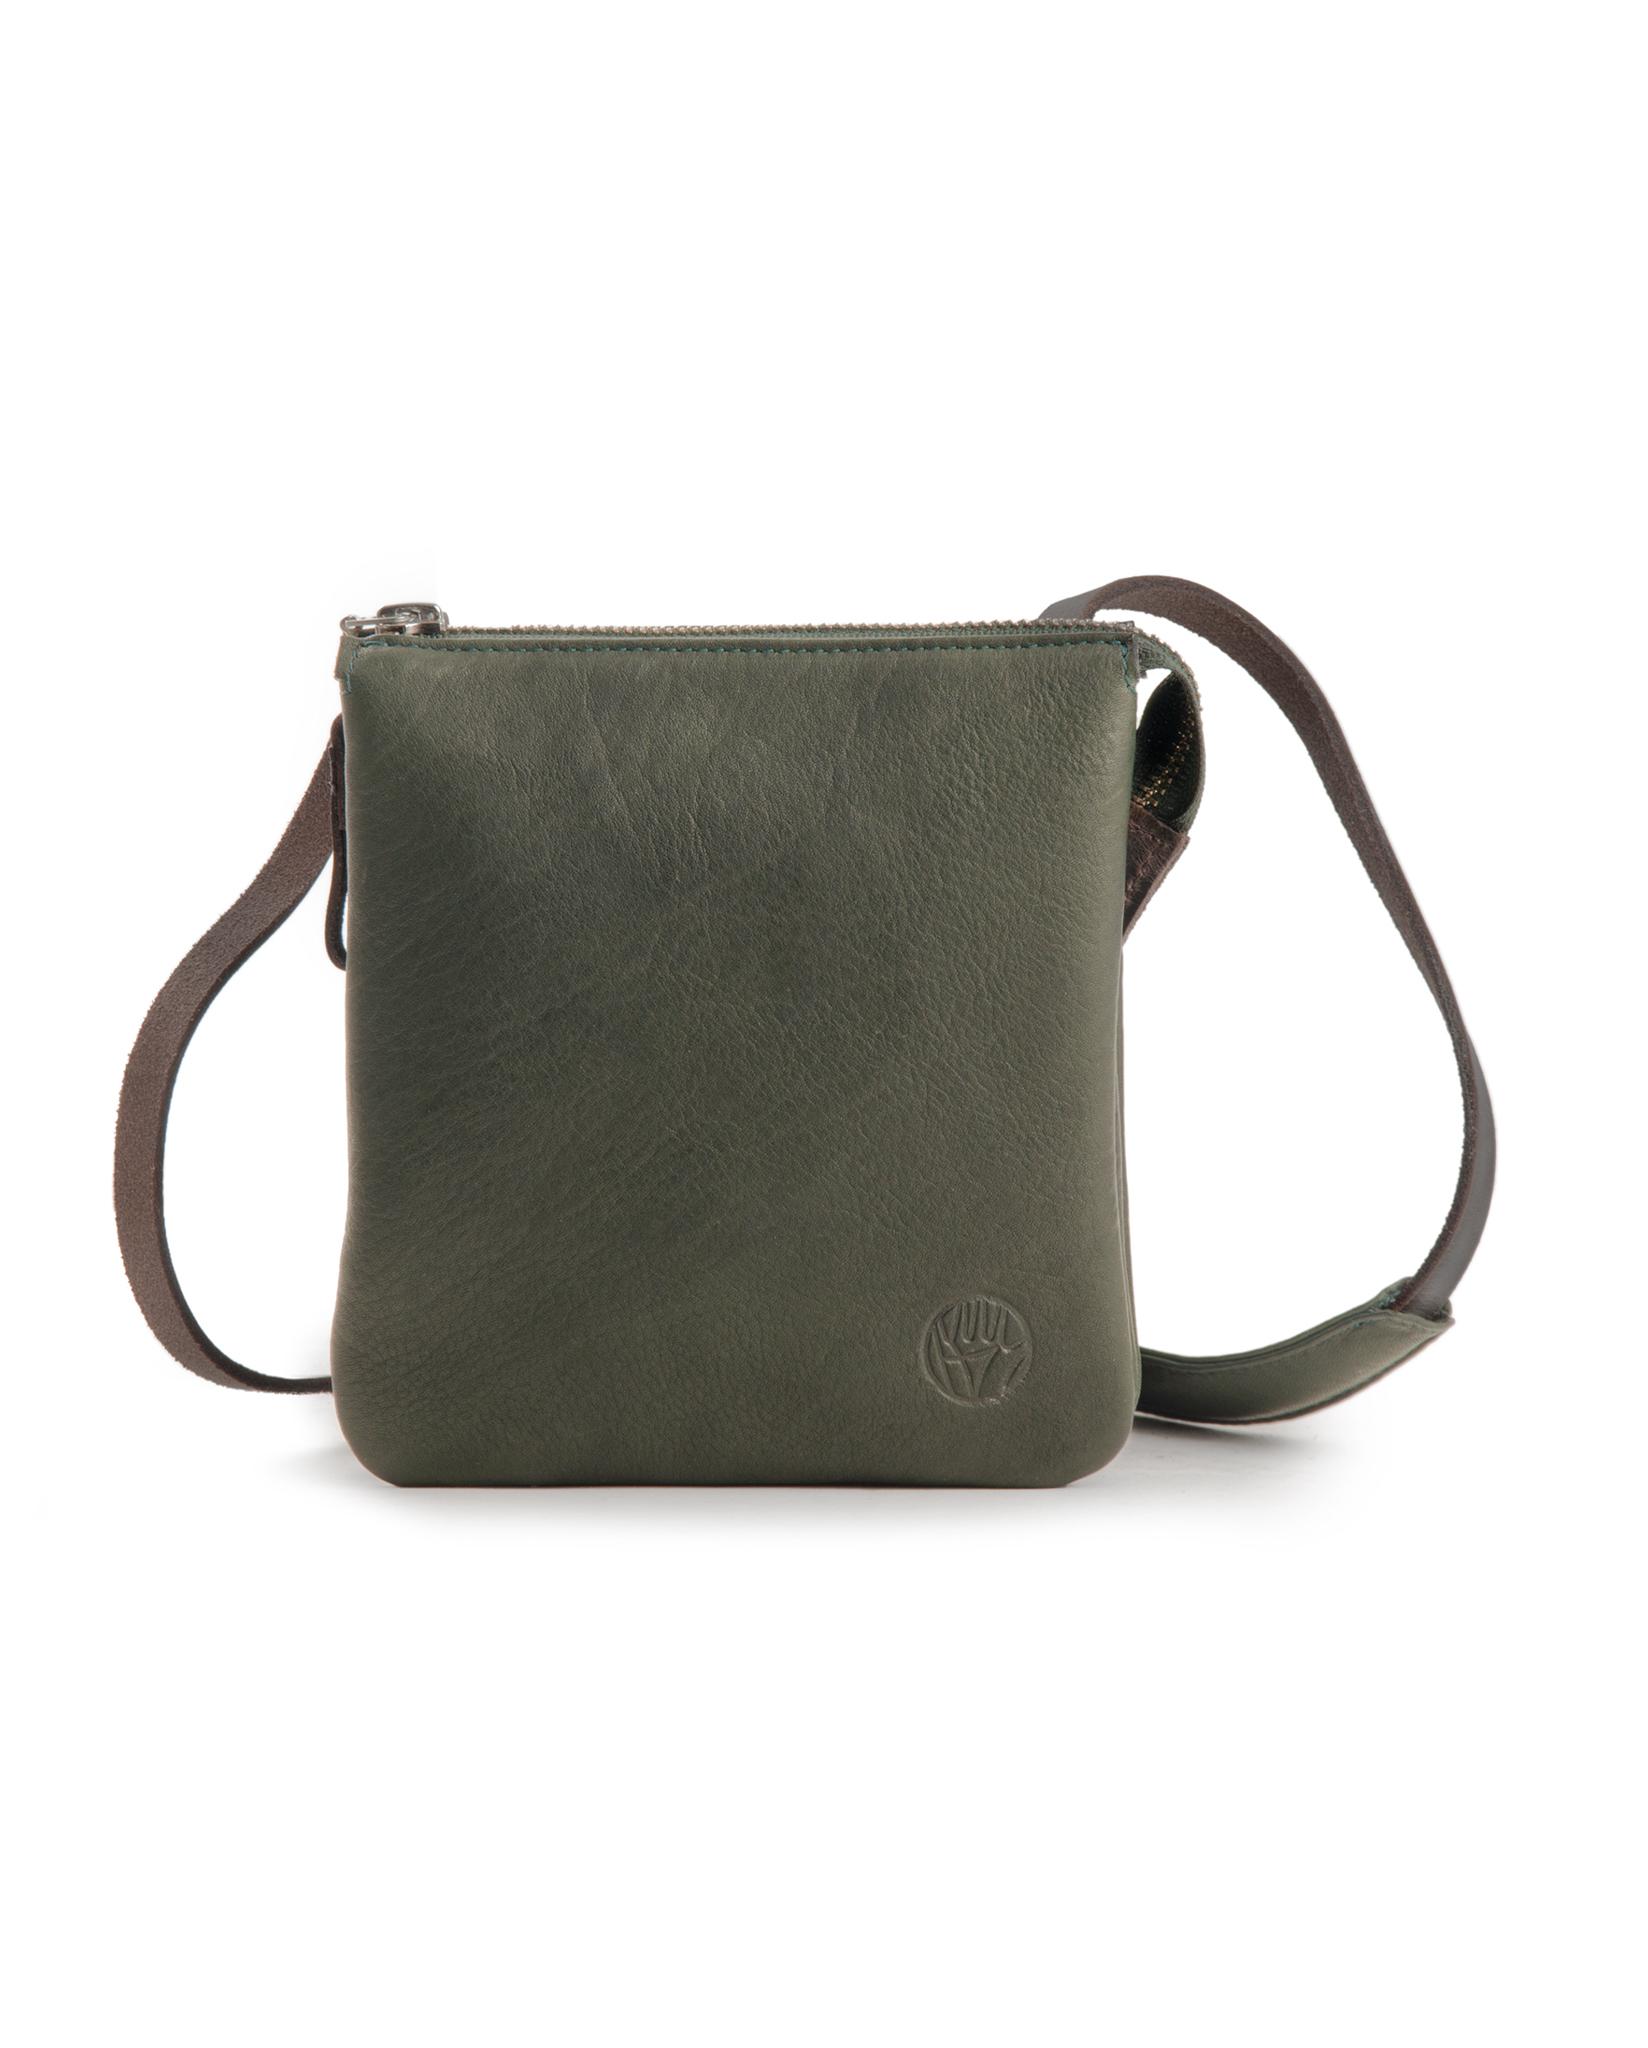 Harolds slingbag 659,- (NØ)